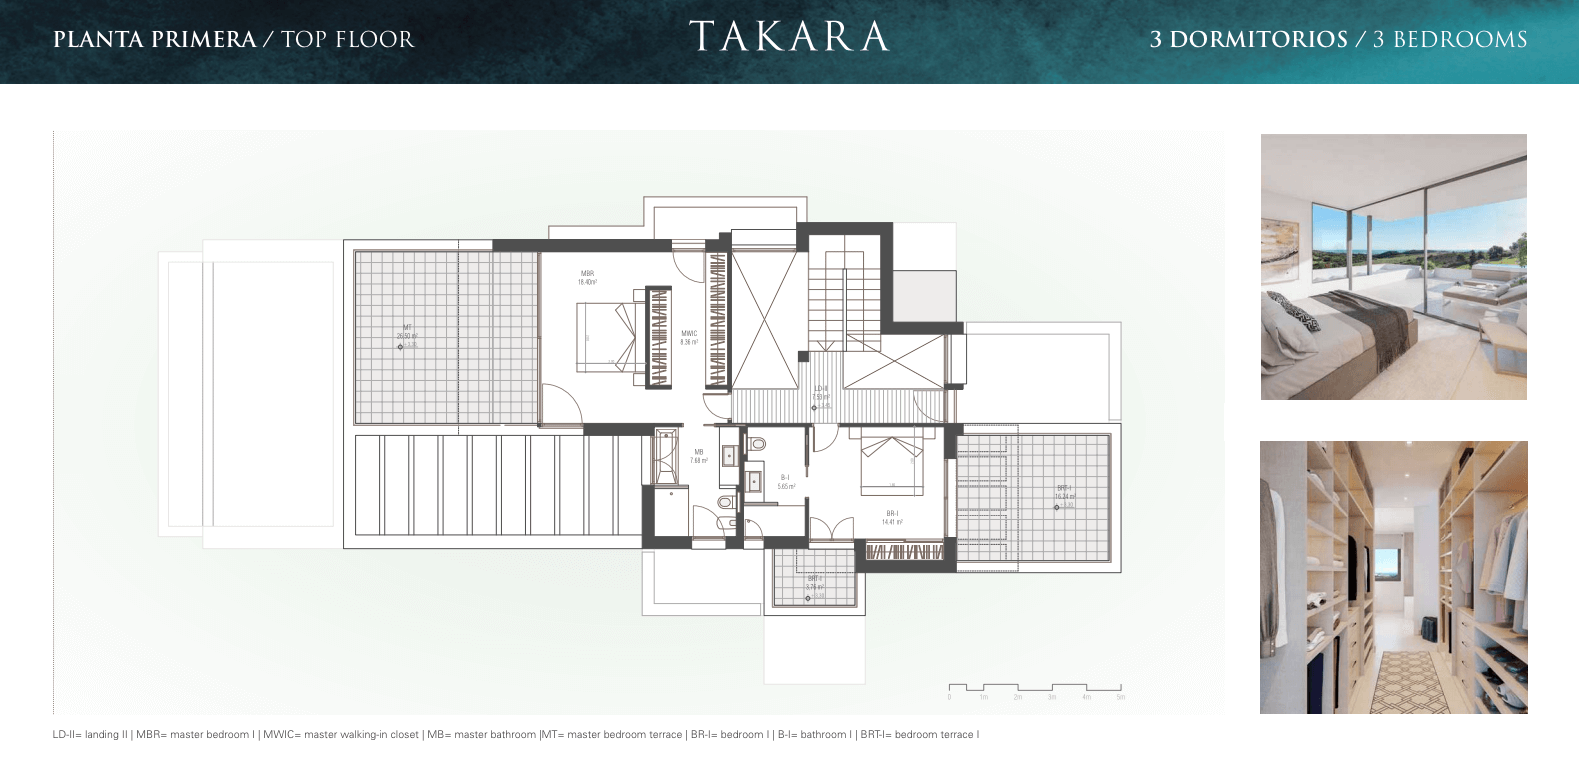 takara moderne villa te koop estepona golf zeezicht verdieping plan